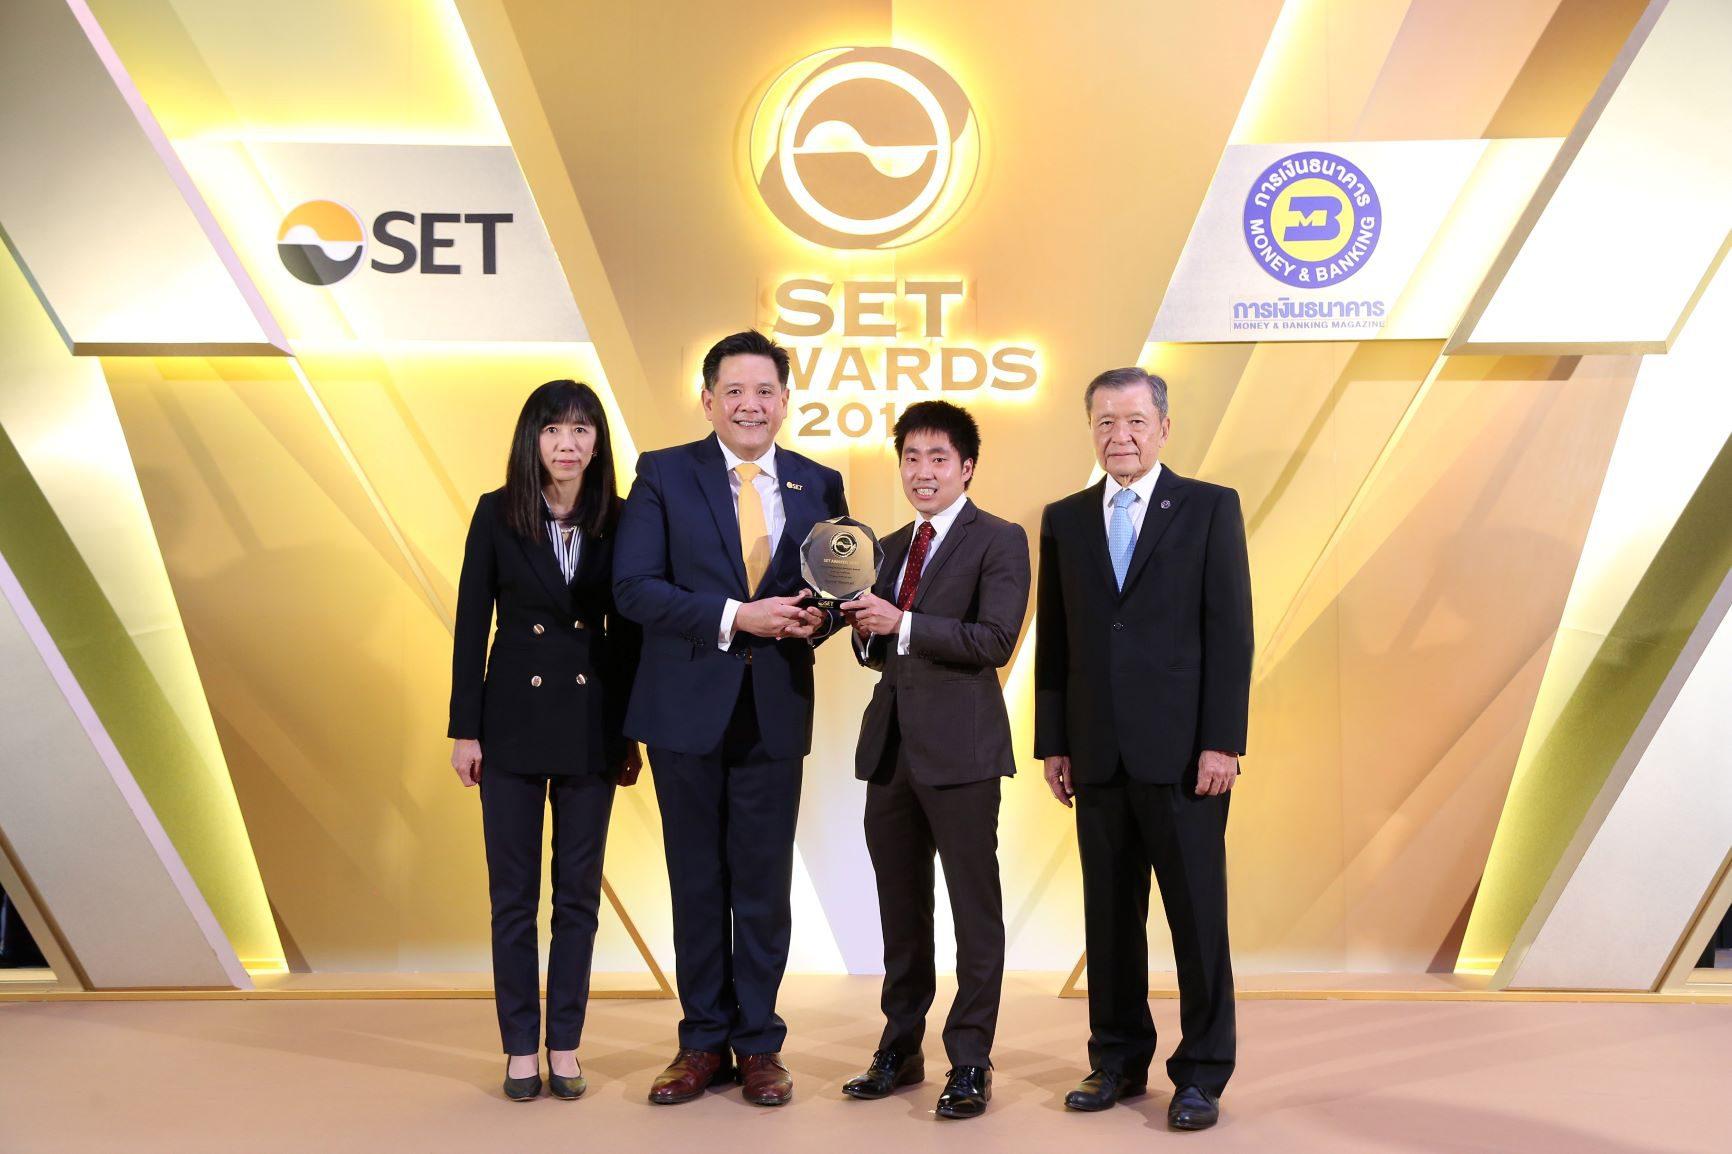 """ITEL ปลื้มคว้ารางวัล """"นักลงทุนสัมพันธ์ดีเด่น"""" ในงาน SET AWARDS 2019"""